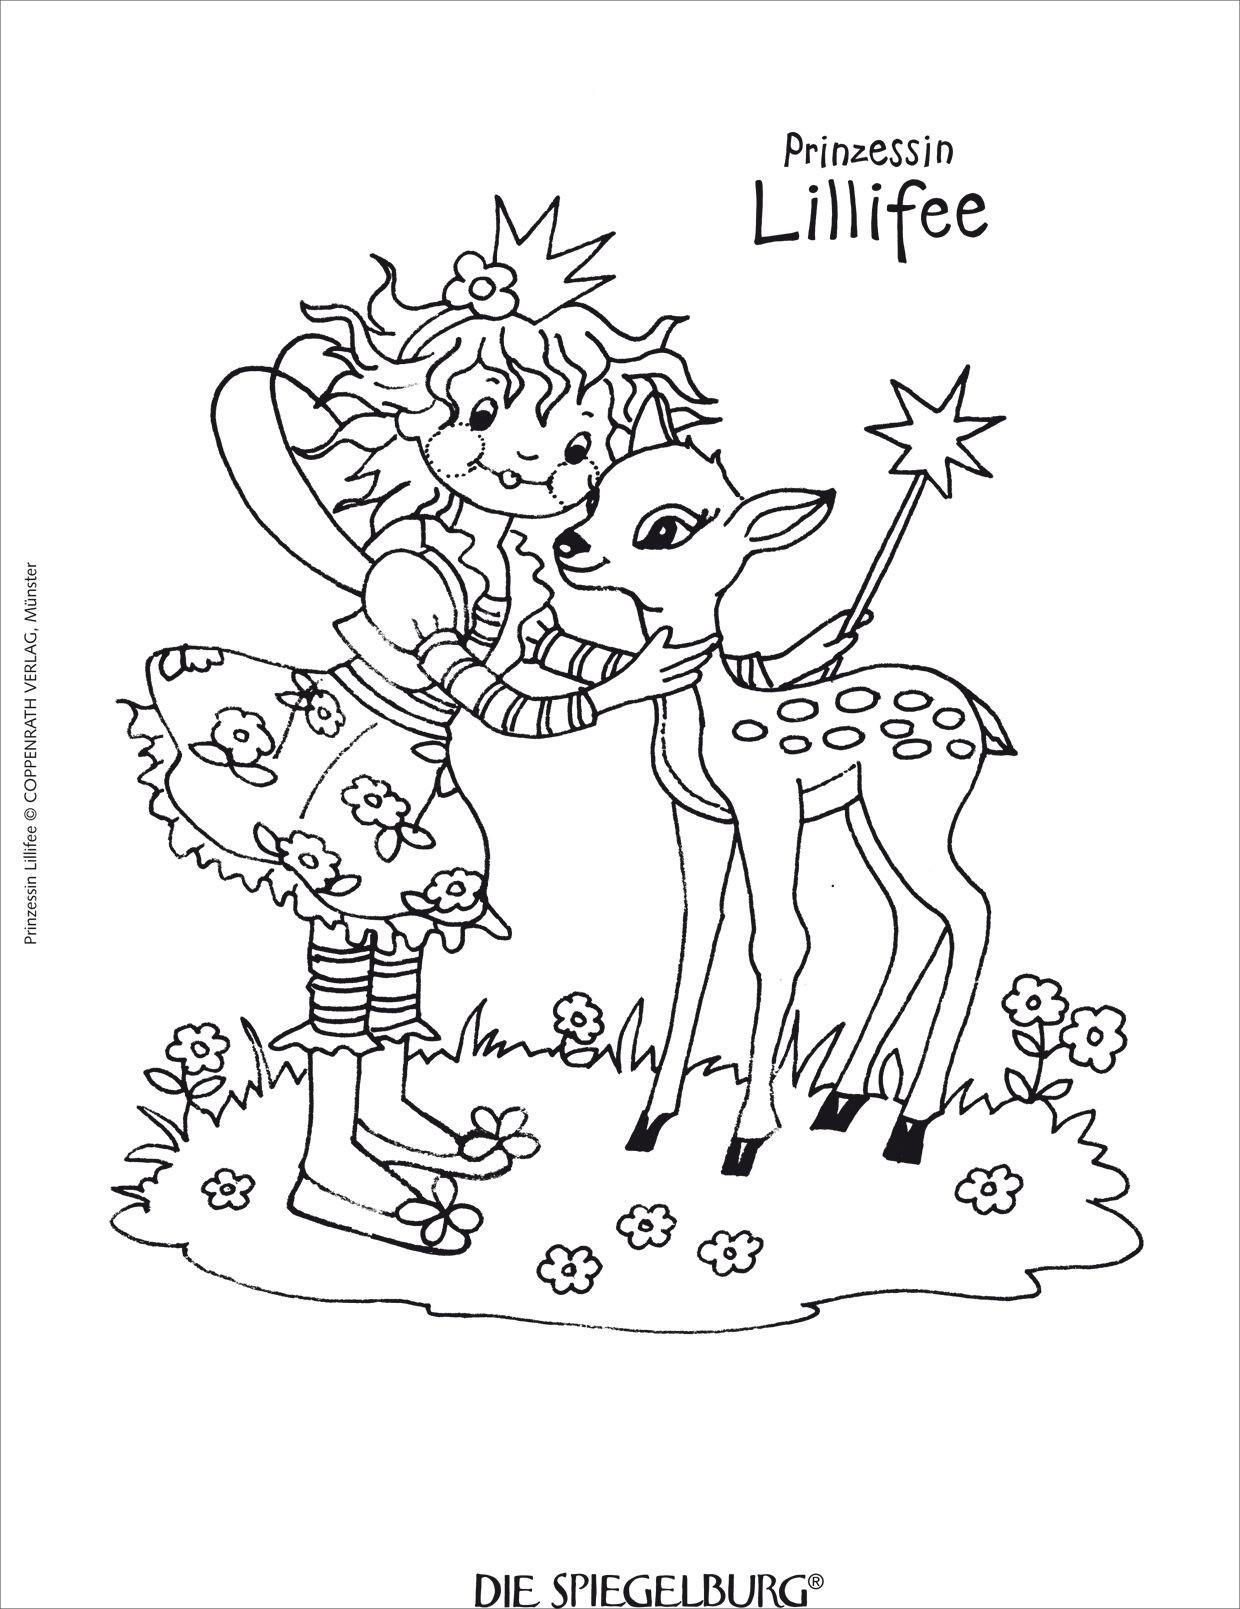 Ausmalbilder Prinzessin Gratis Inspirierend Prinzessin Lillifee Ausmalbilder Und Malvorlagen E9dx Bilder